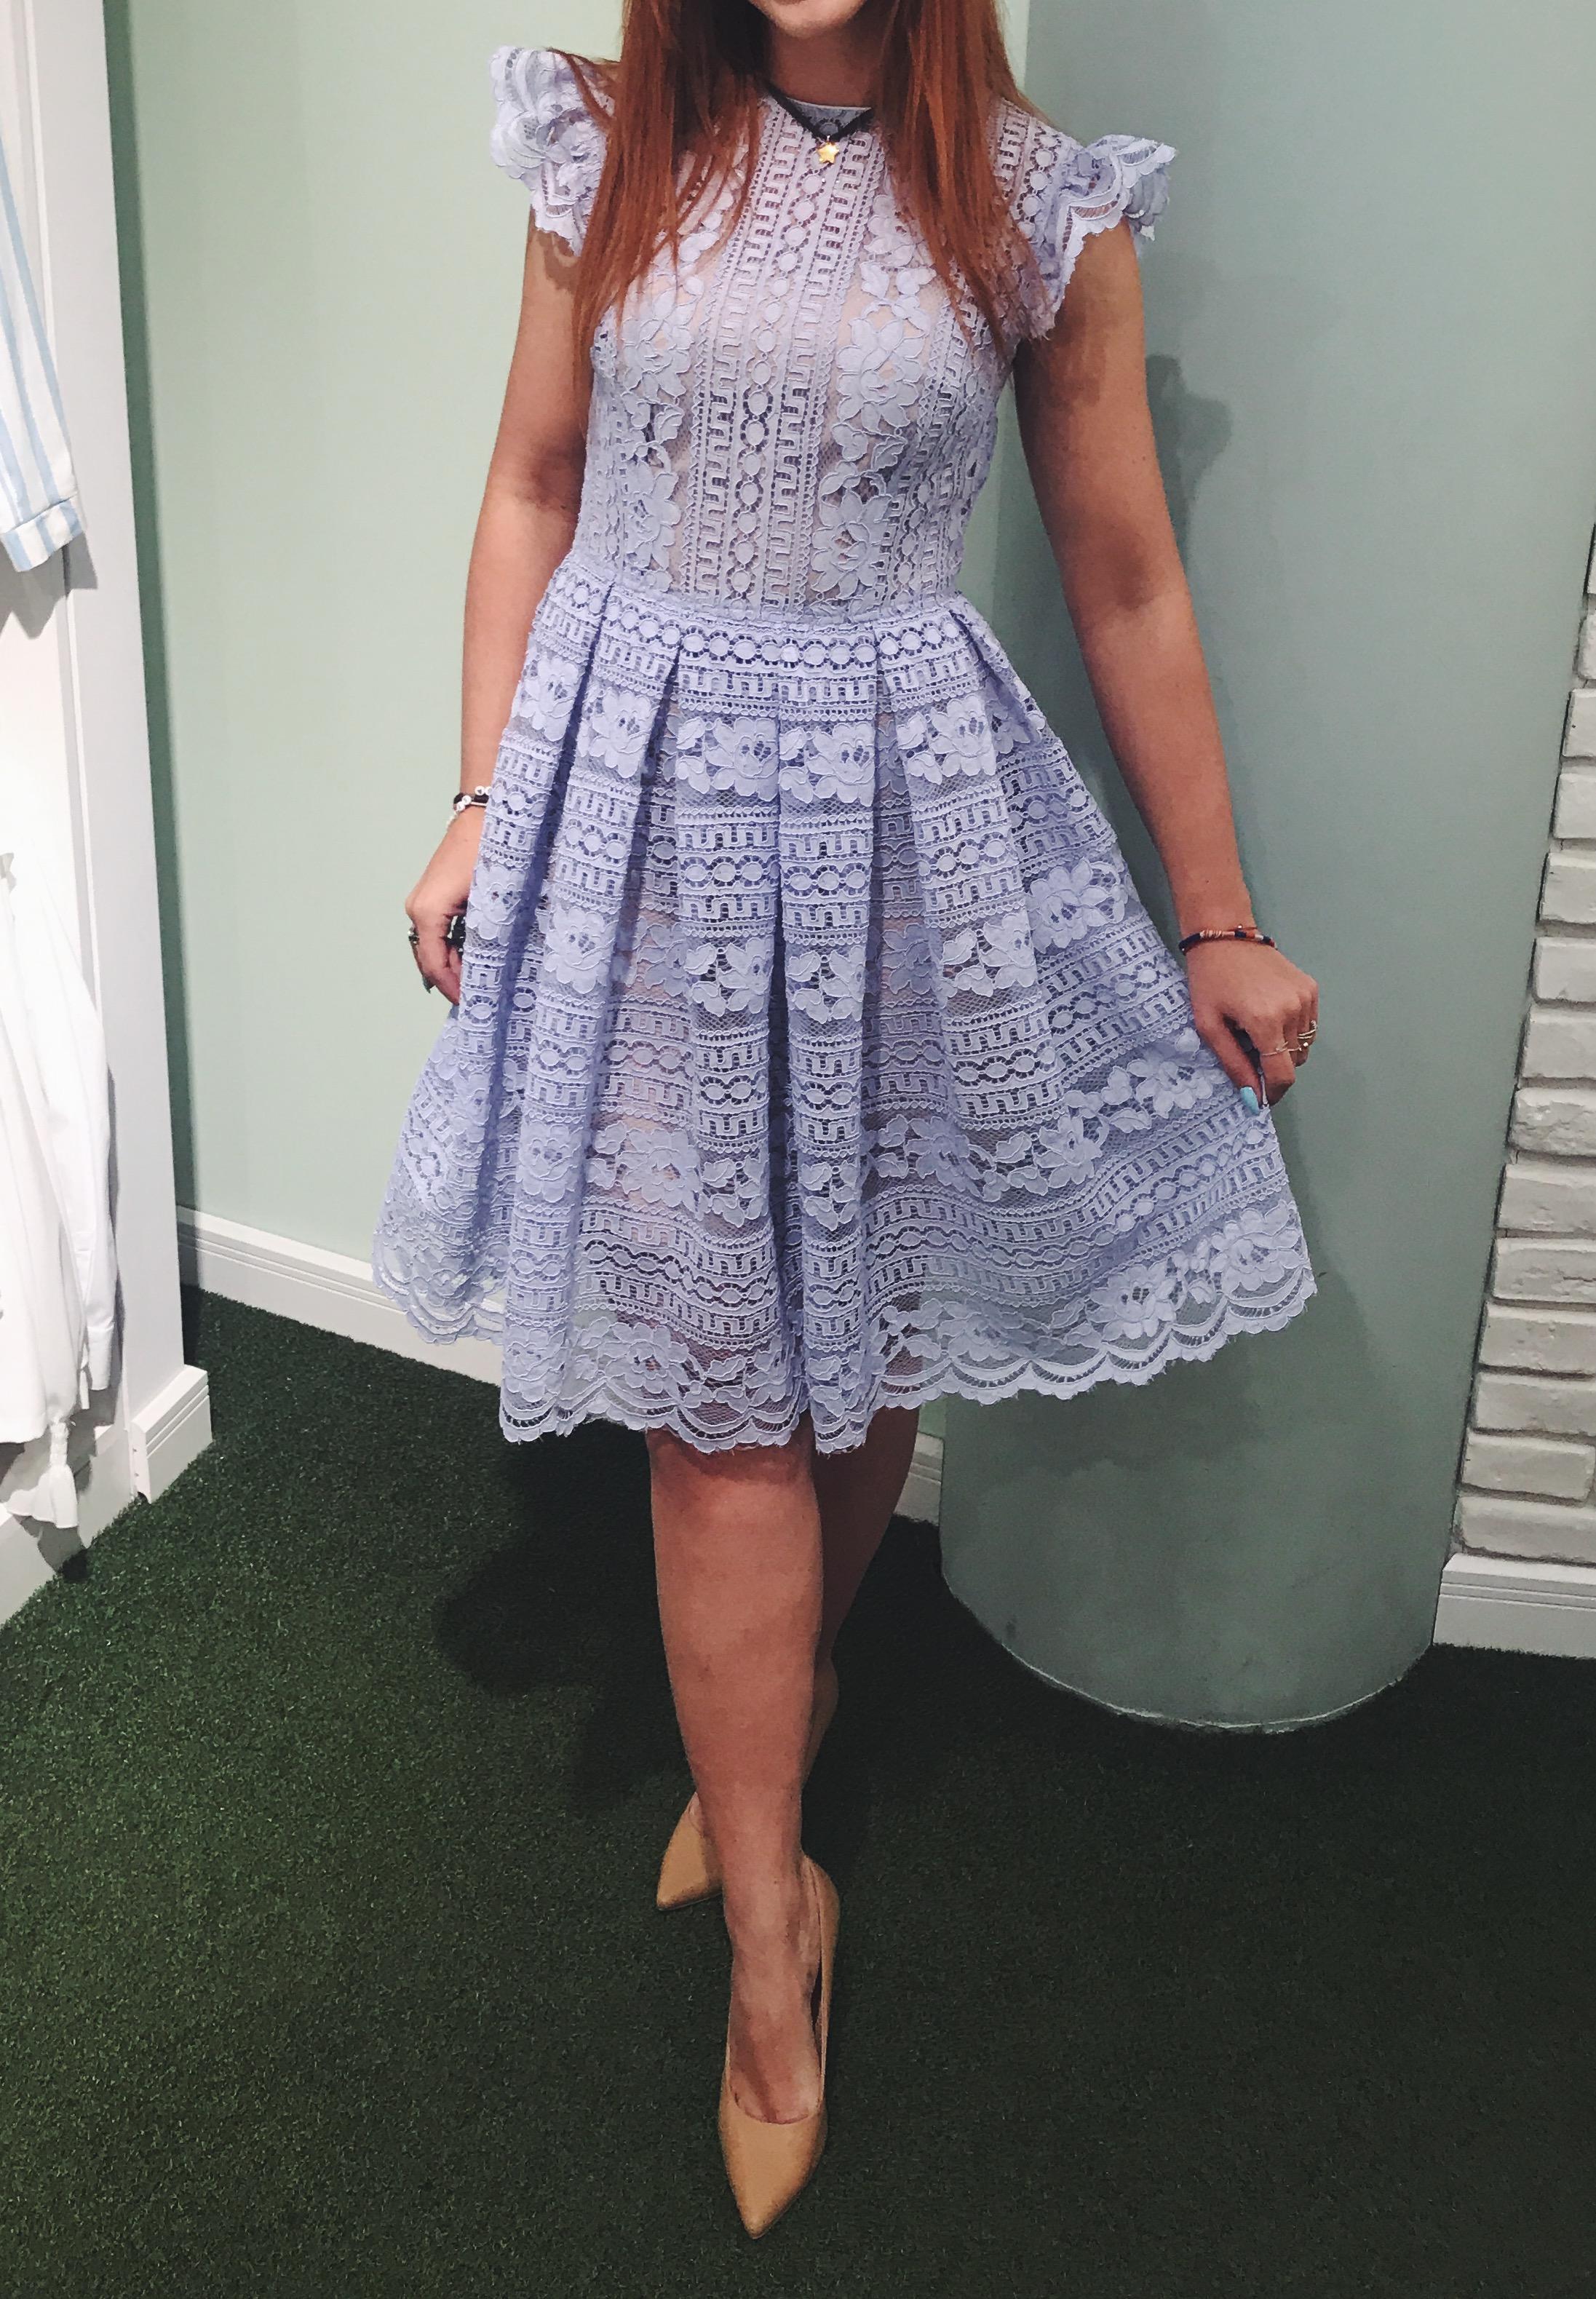 bfd74b32e6 ... Błękitna koronkowa sukienka midi SOFIA Swing. Dostępność  na wyczerpaniu